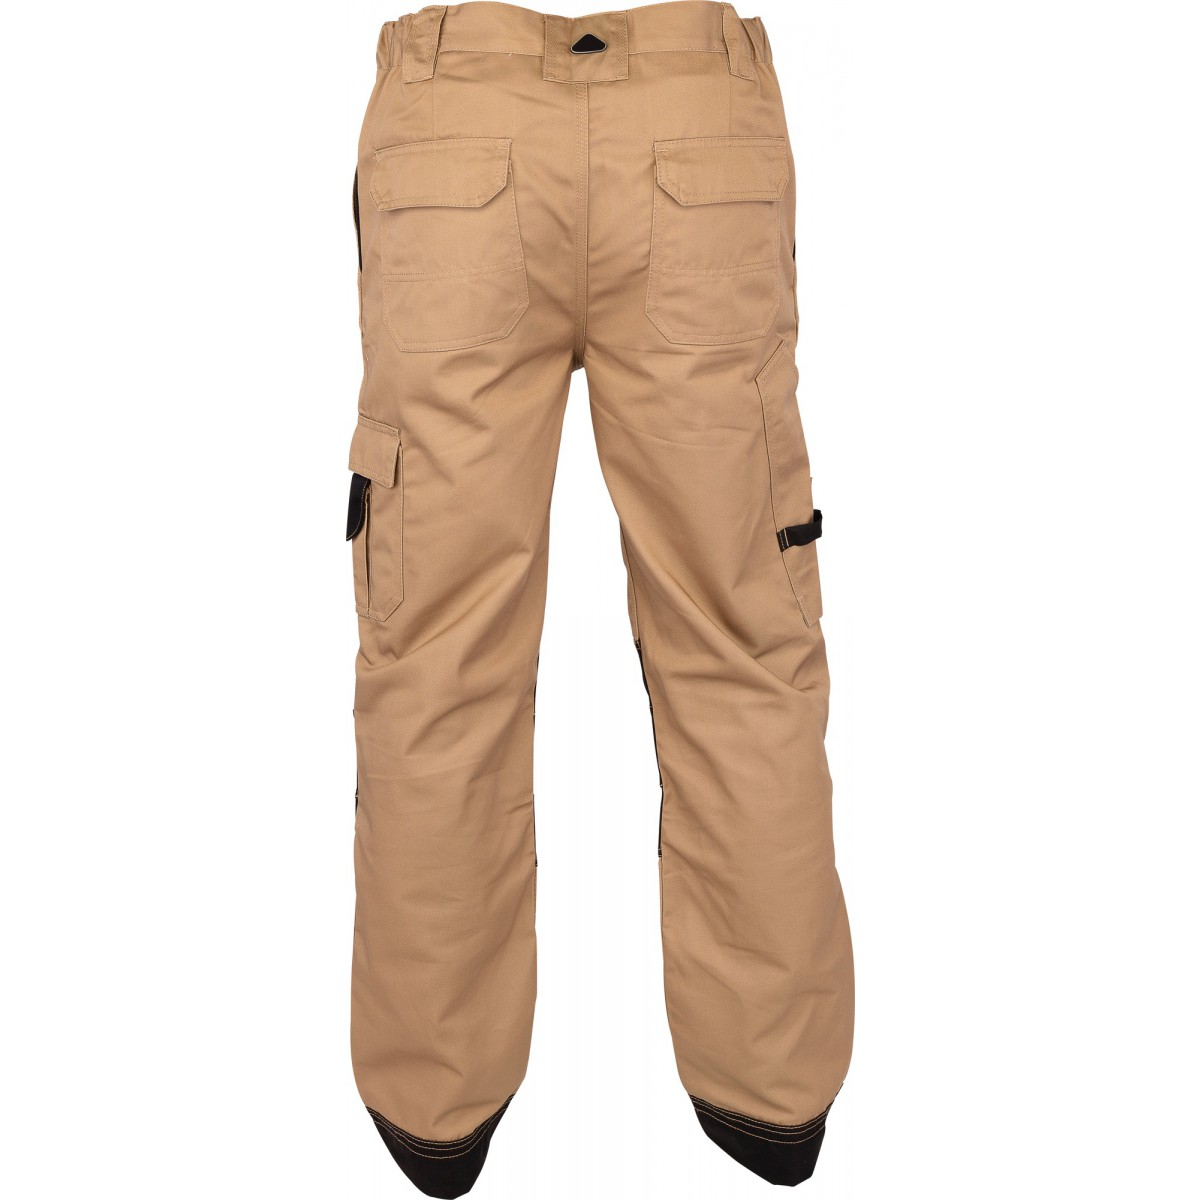 Pantalon de travail genoux et bas de jambes renforcés Outibat - Taille XXL - Camel